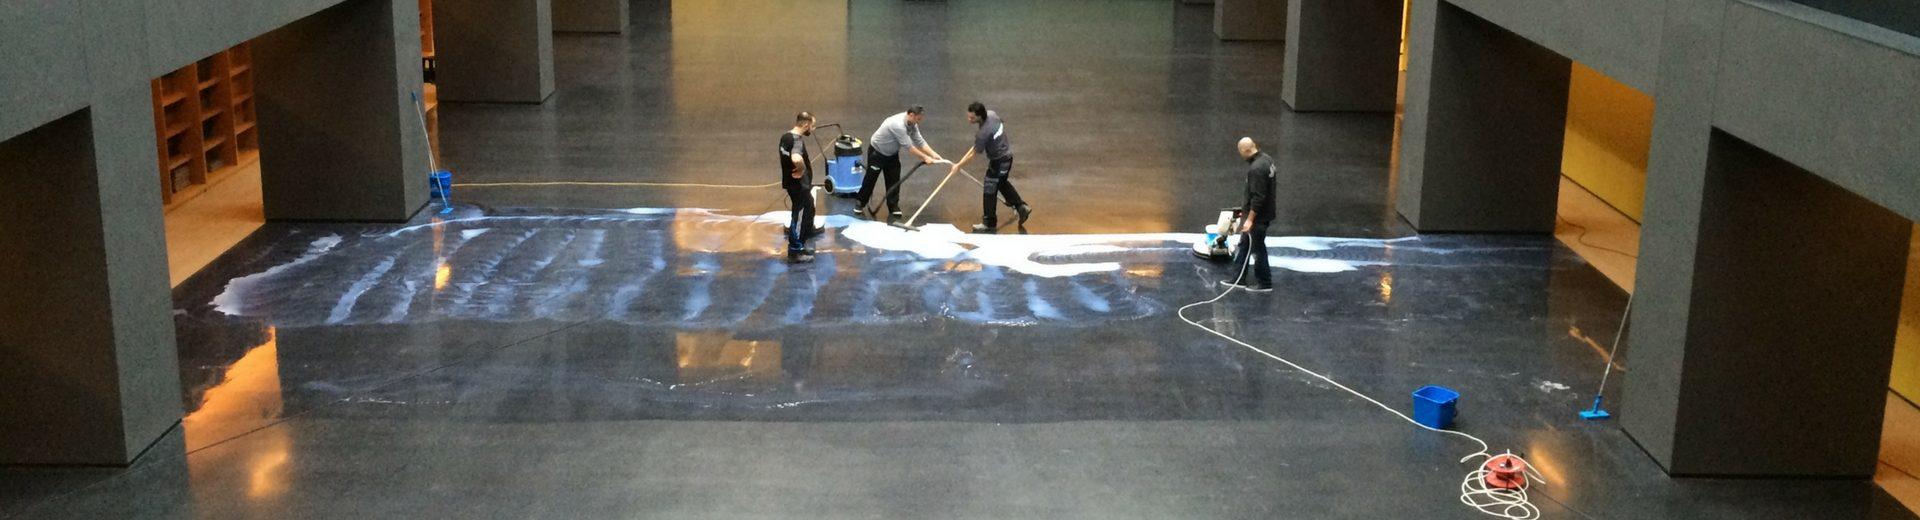 vloer-en-tapijtreiniging-ats-schoonmaak-header